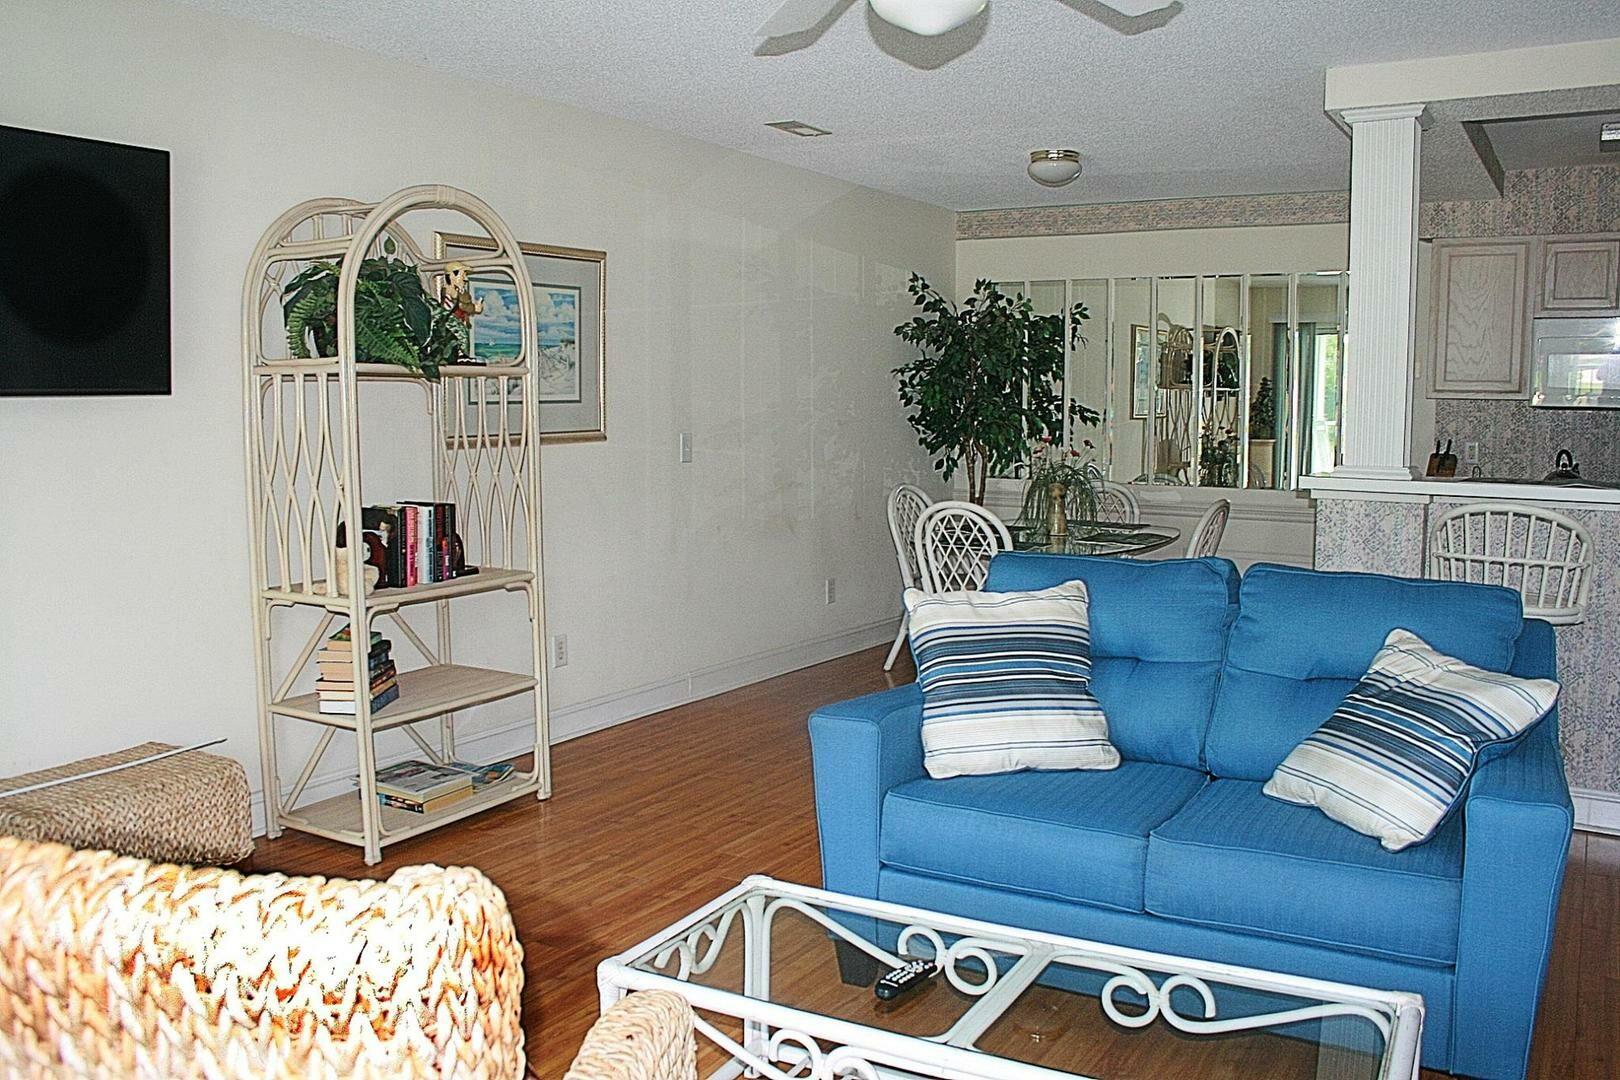 805 2 Bedroom/2 Bath Villa